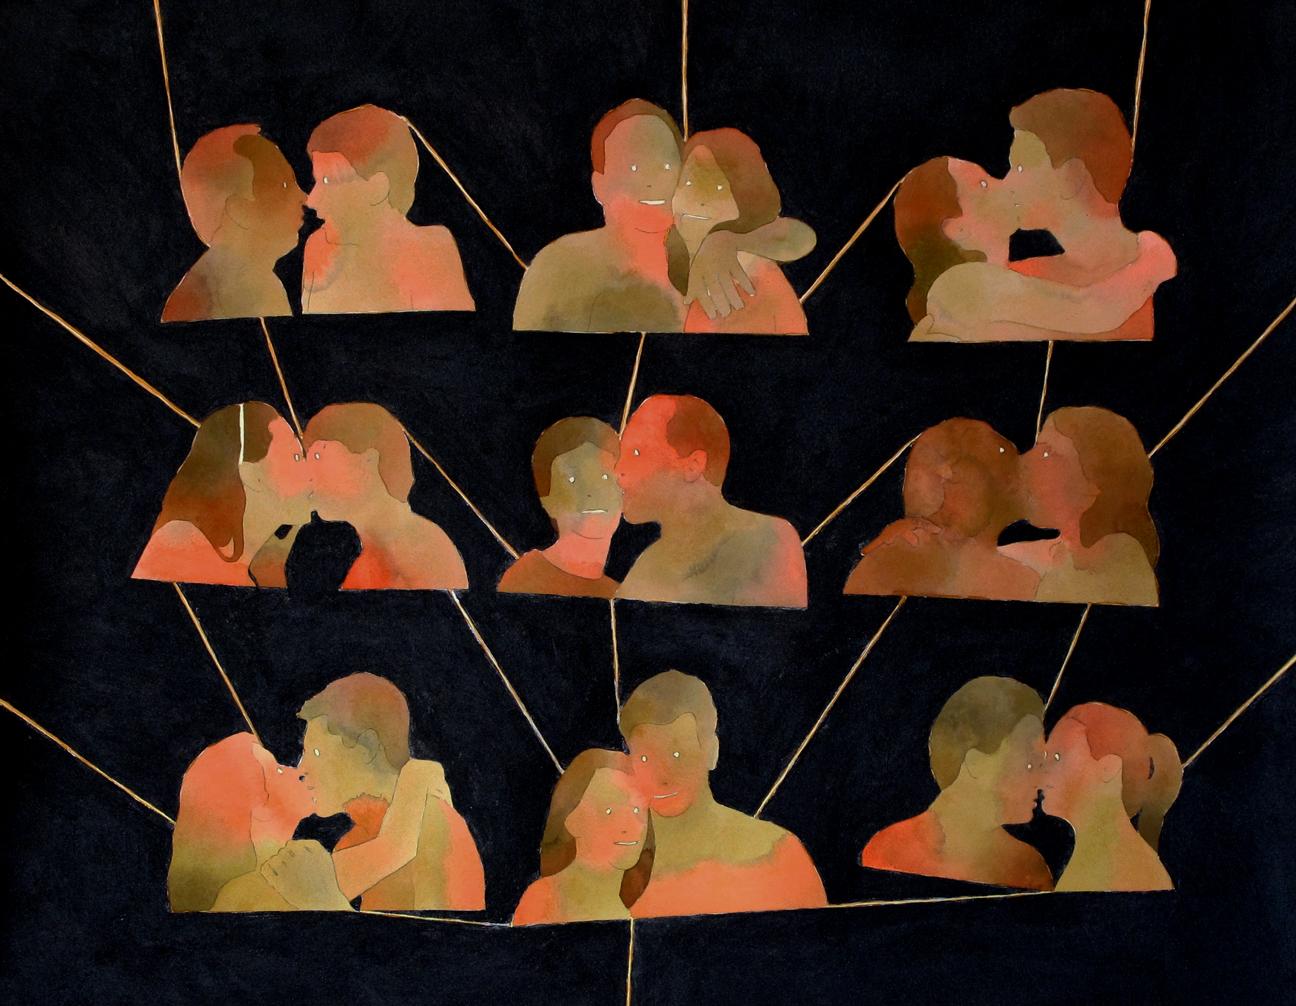 Gluibizzi-Kissing-Tree-72dpi.jpg